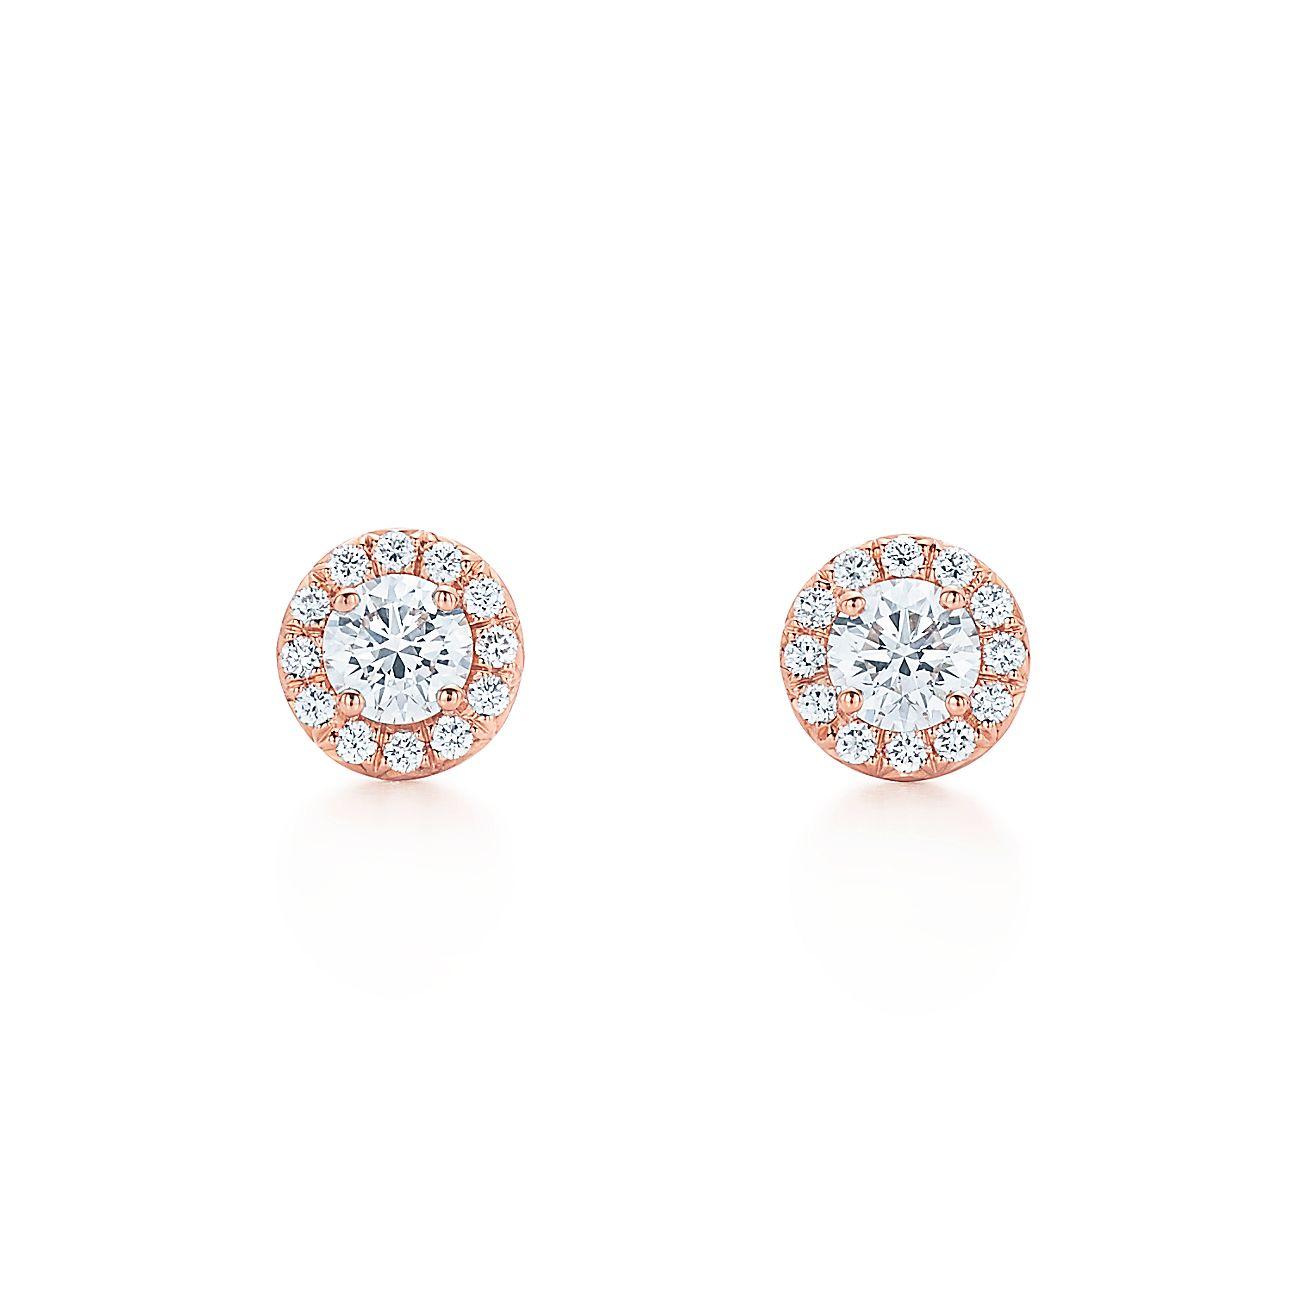 Tiffany Soleste Earrings In 18k Rose Gold With Diamonds Tiffany Co